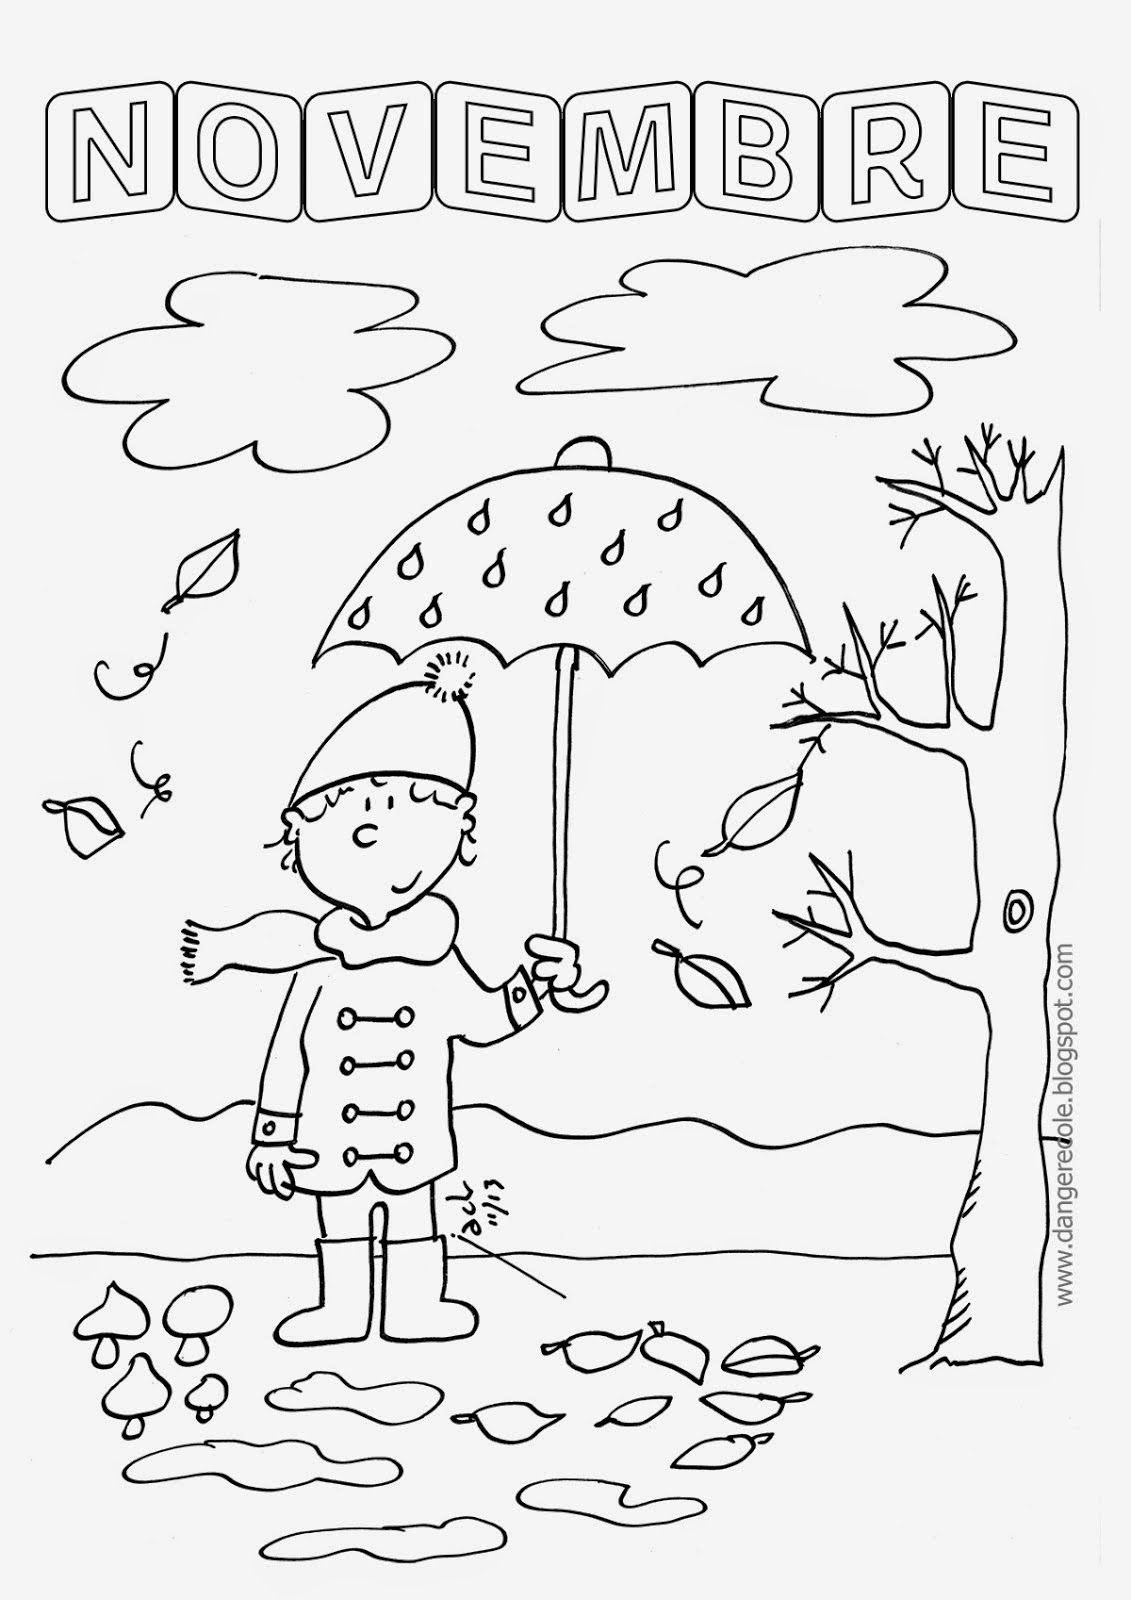 Affichages Utiles En Vrac Coloriage Novembre Coloriage